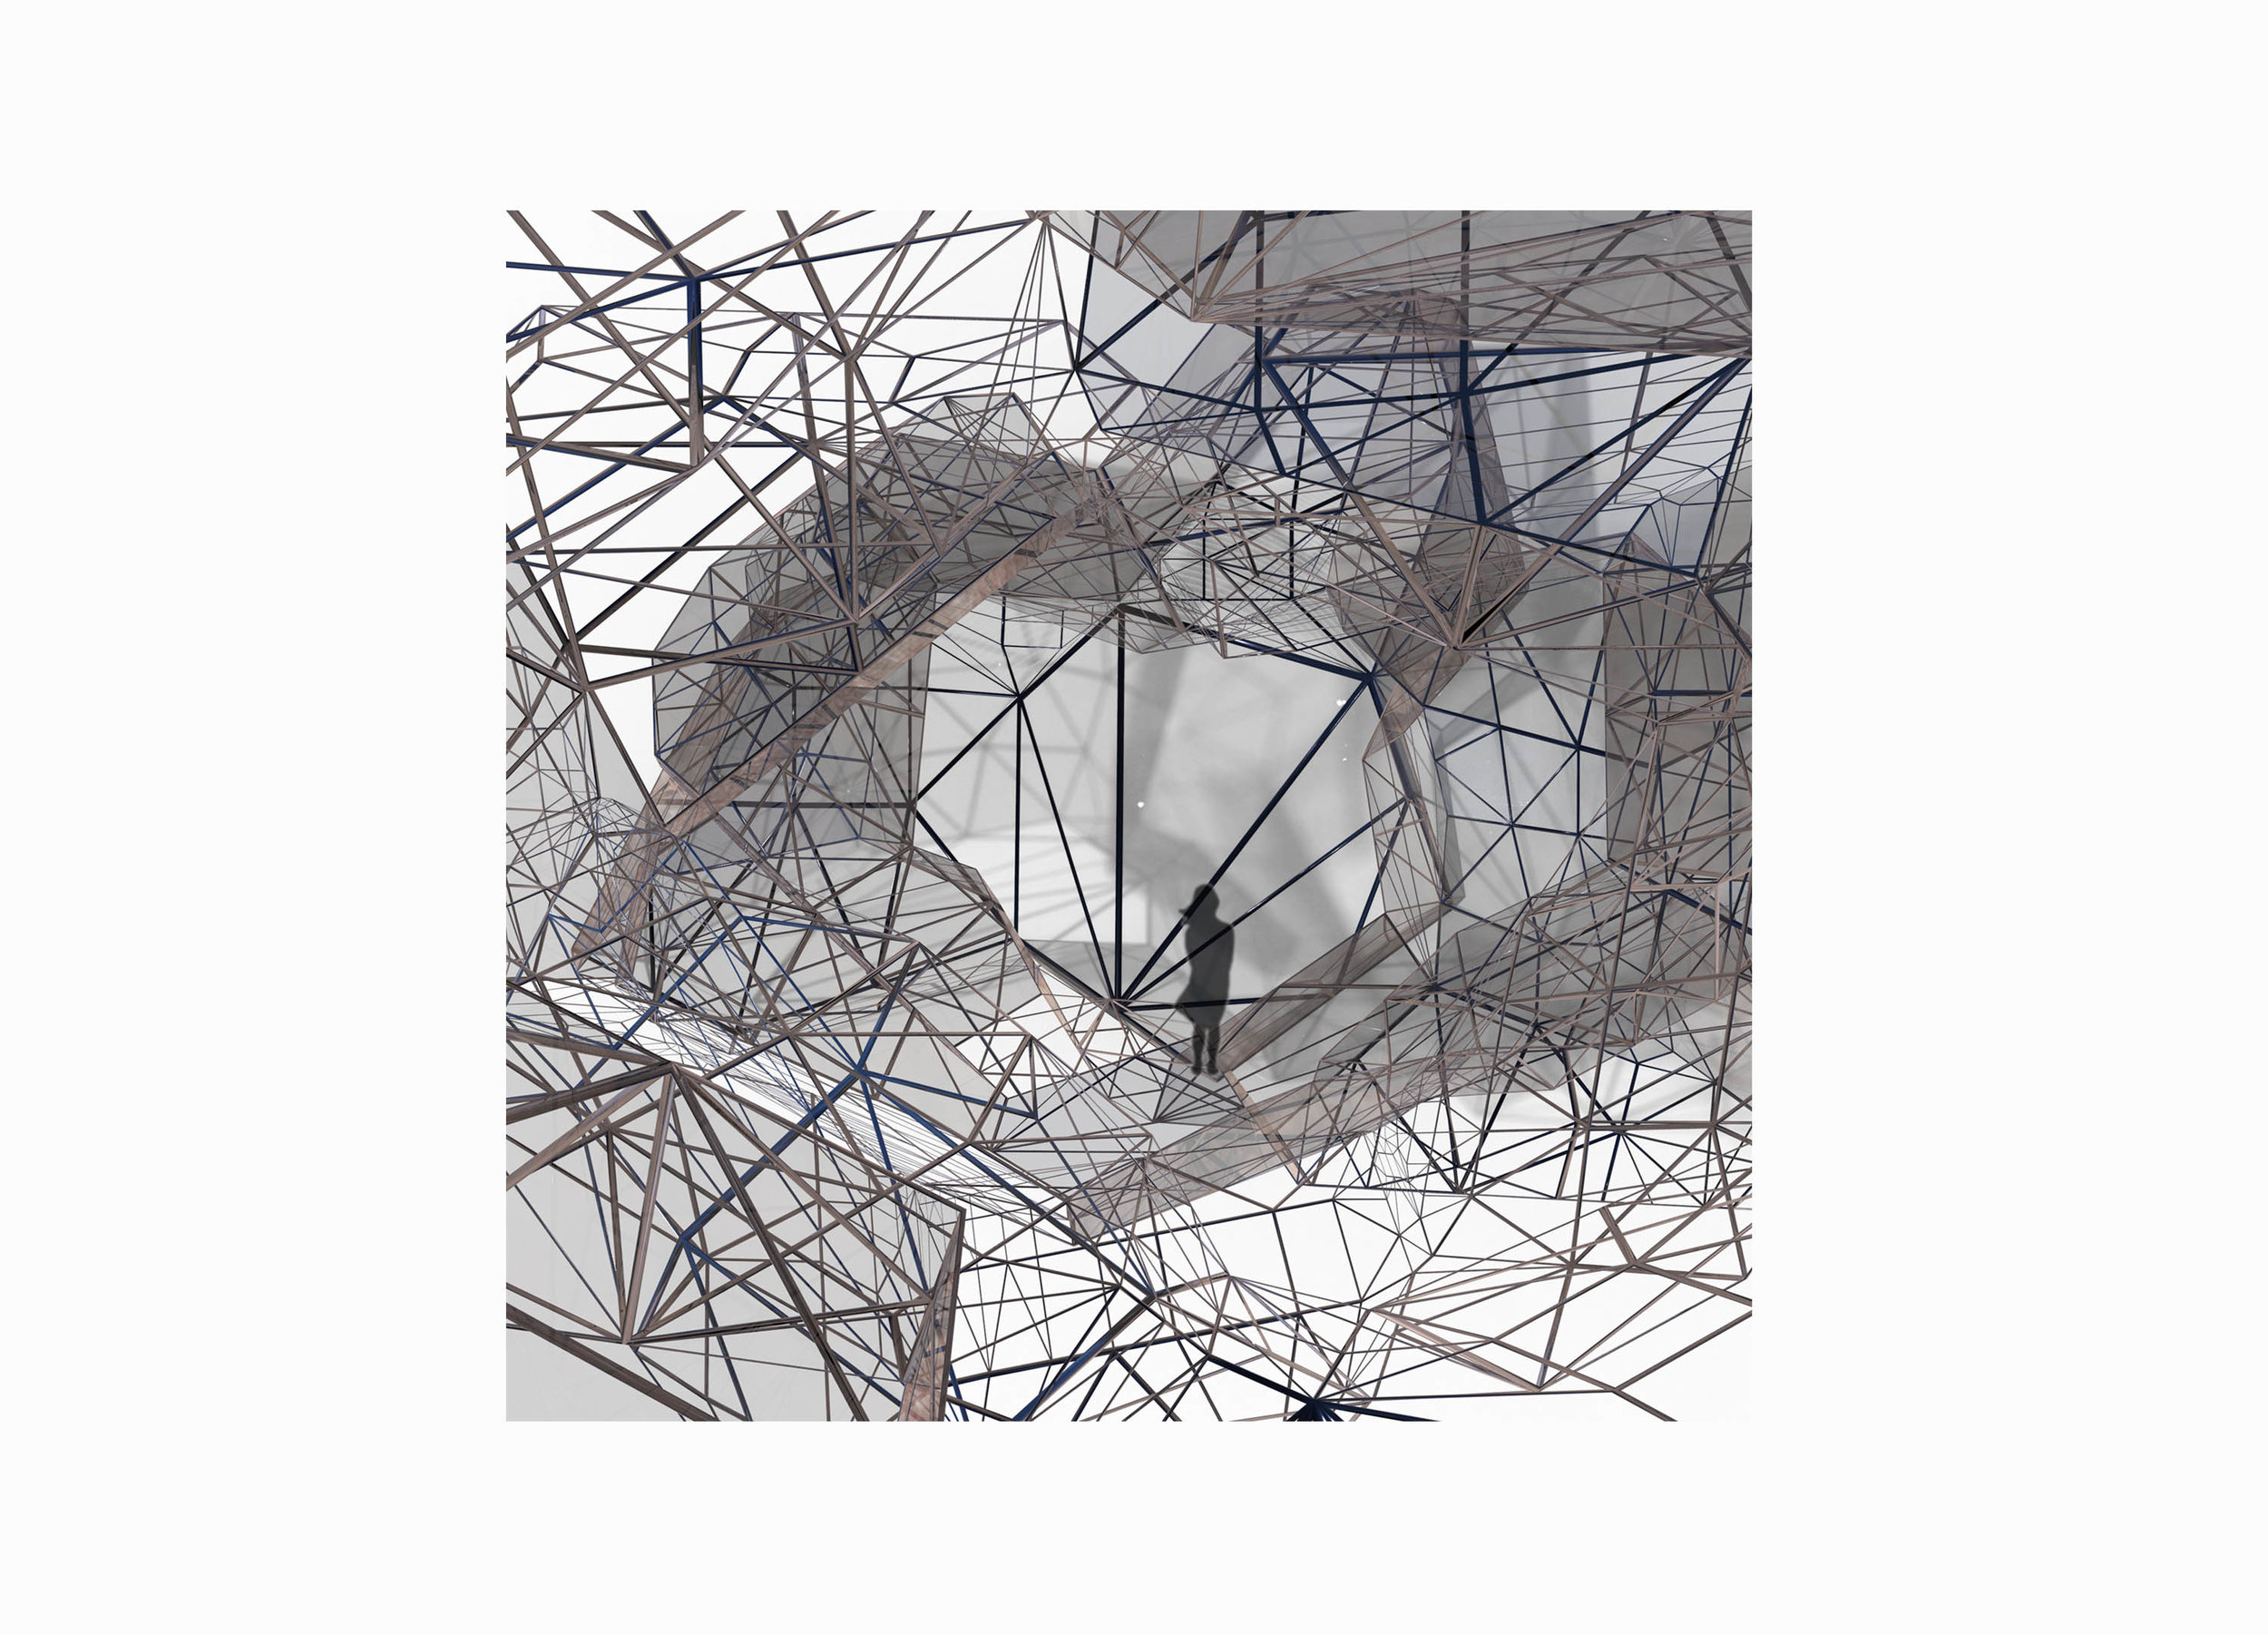 Future living - 2017 - Digital collage - 70 x 70cm